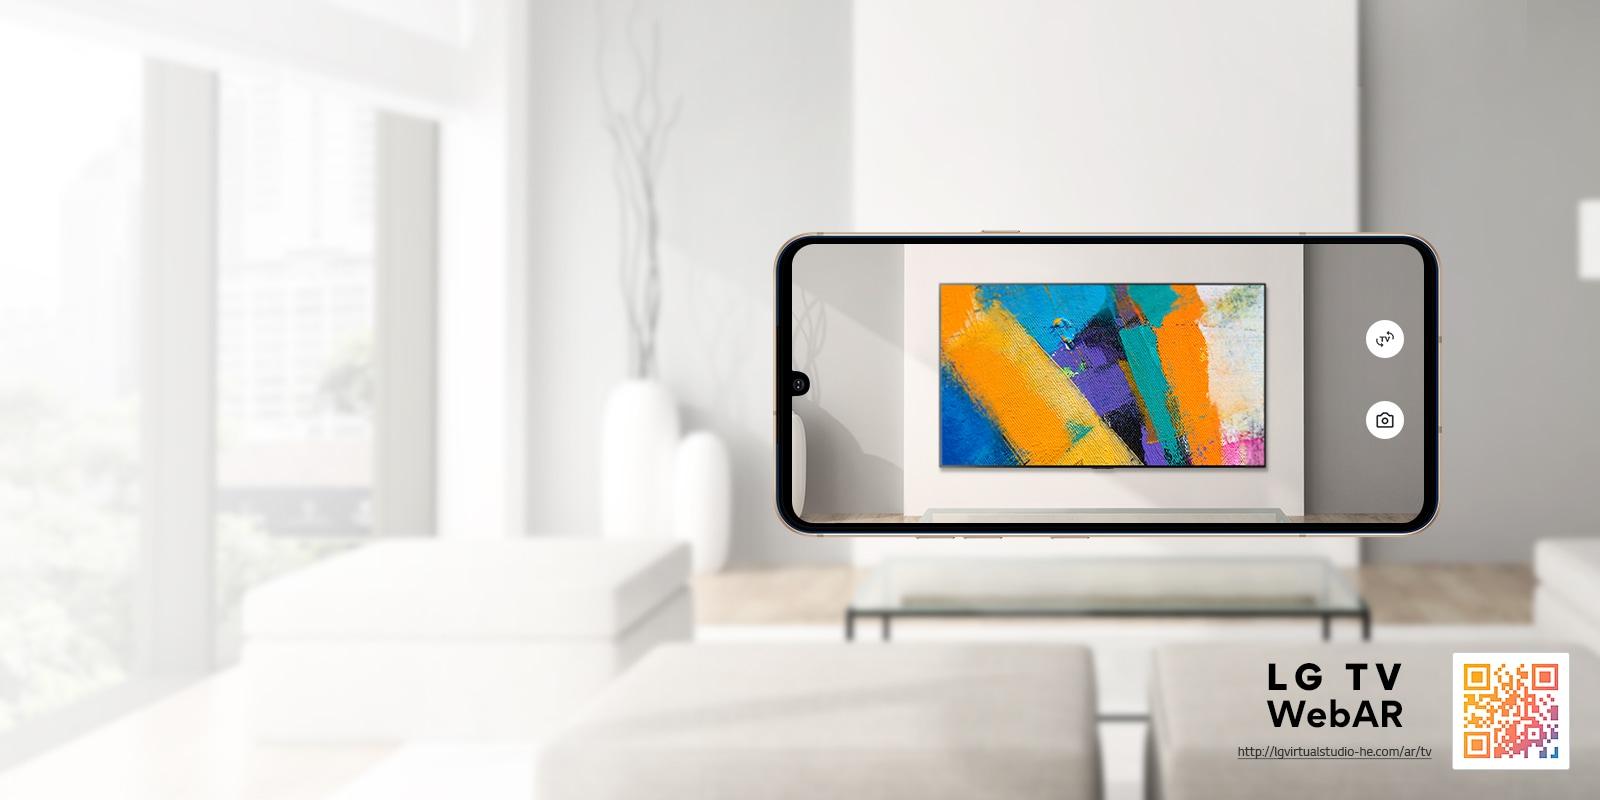 Це зображення OLED-телевізора LG, симульоване за допомогою технології WebAR. Зображення на мобільному телефоні накладаються на мінімалістське приміщення. У правому нижньому куті розміщено QR-код.